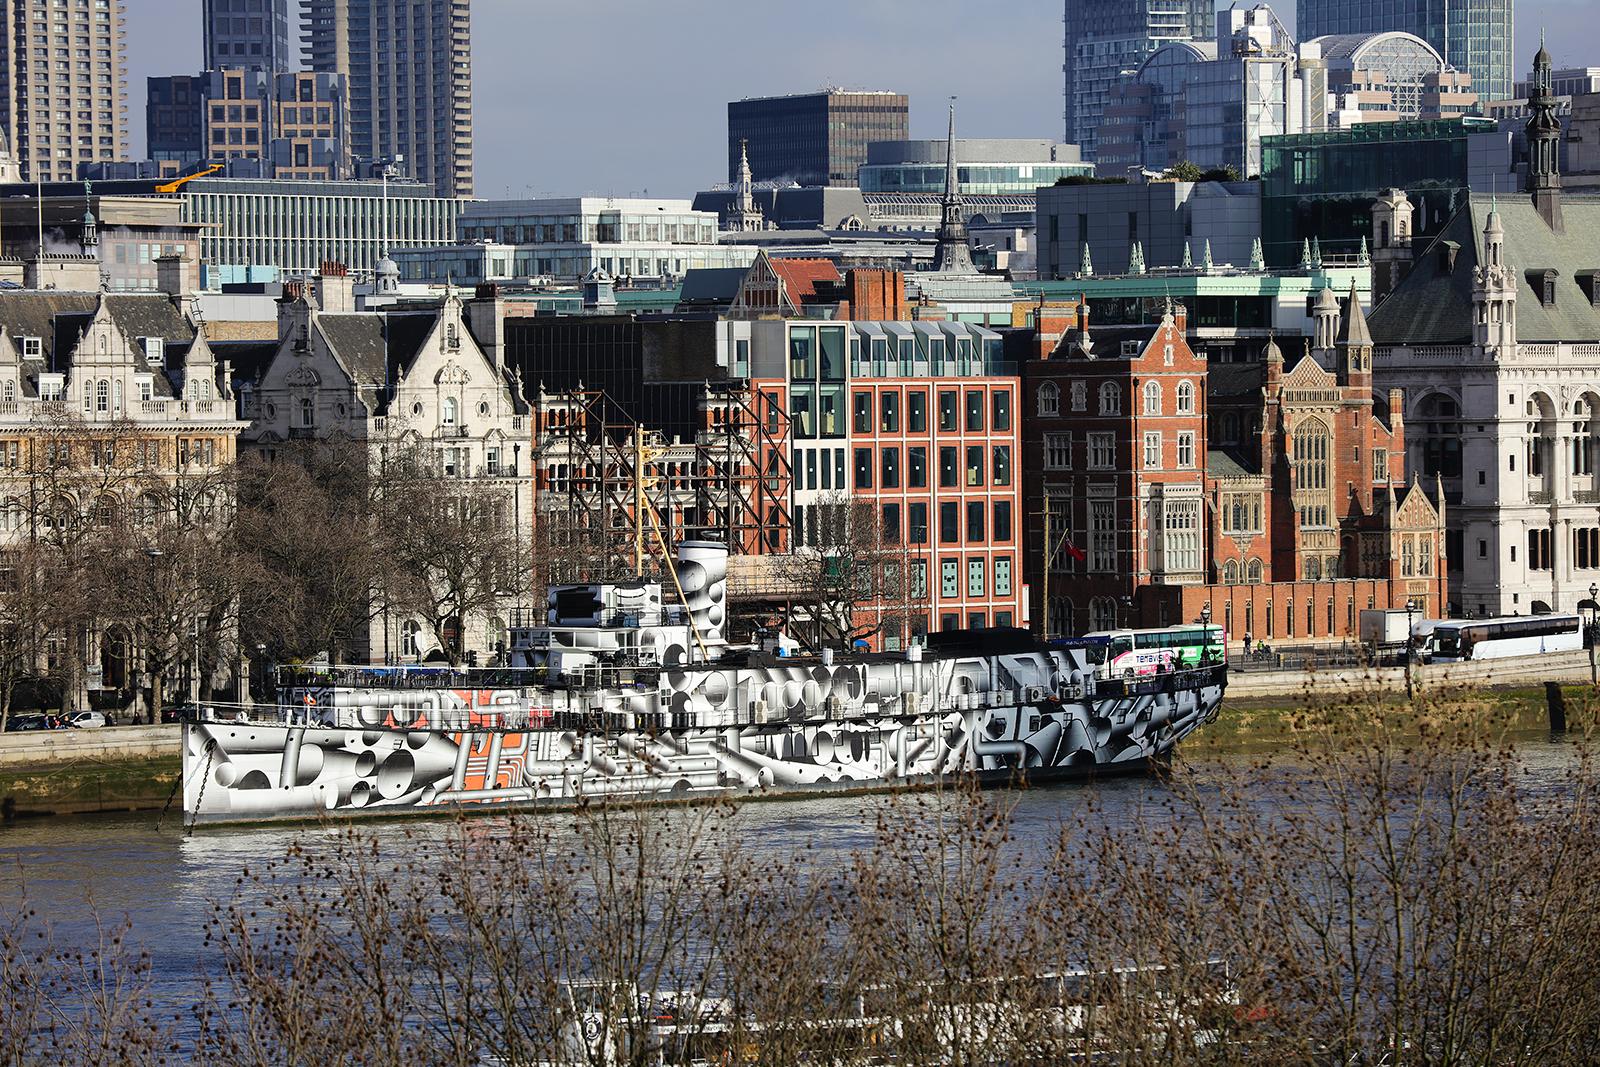 Utsikt over Thames med EOS 5DSr og EF 70-200 mm f/2.8 II.